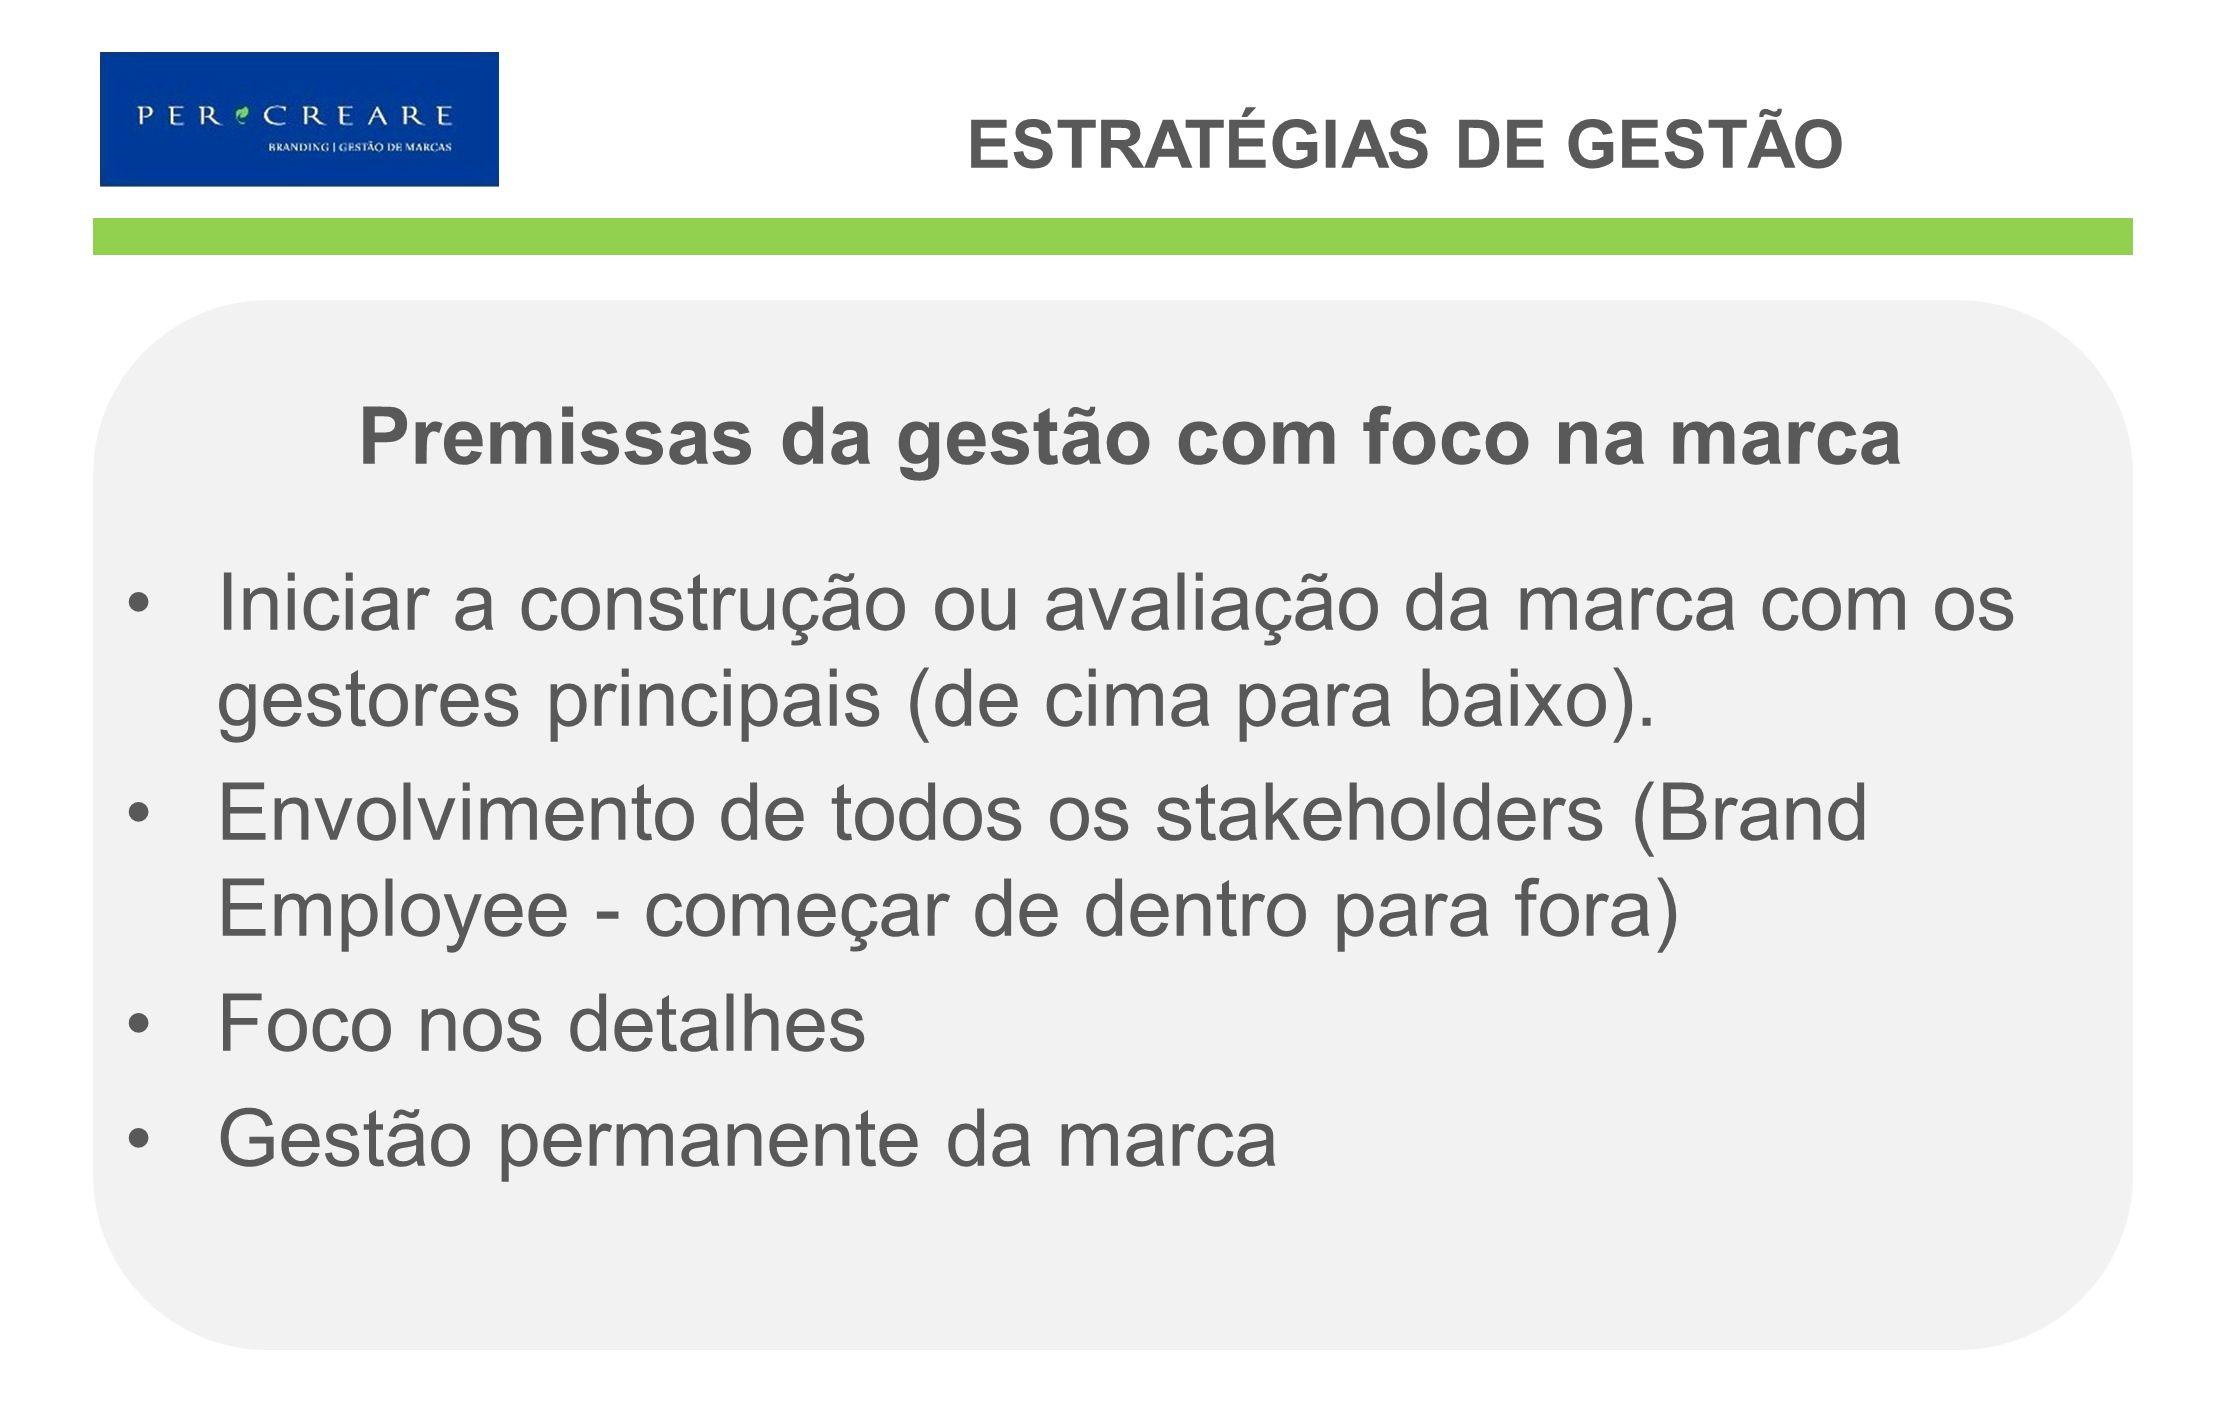 ESTRATÉGIAS DE GESTÃO Premissas da gestão com foco na marca Iniciar a construção ou avaliação da marca com os gestores principais (de cima para baixo)